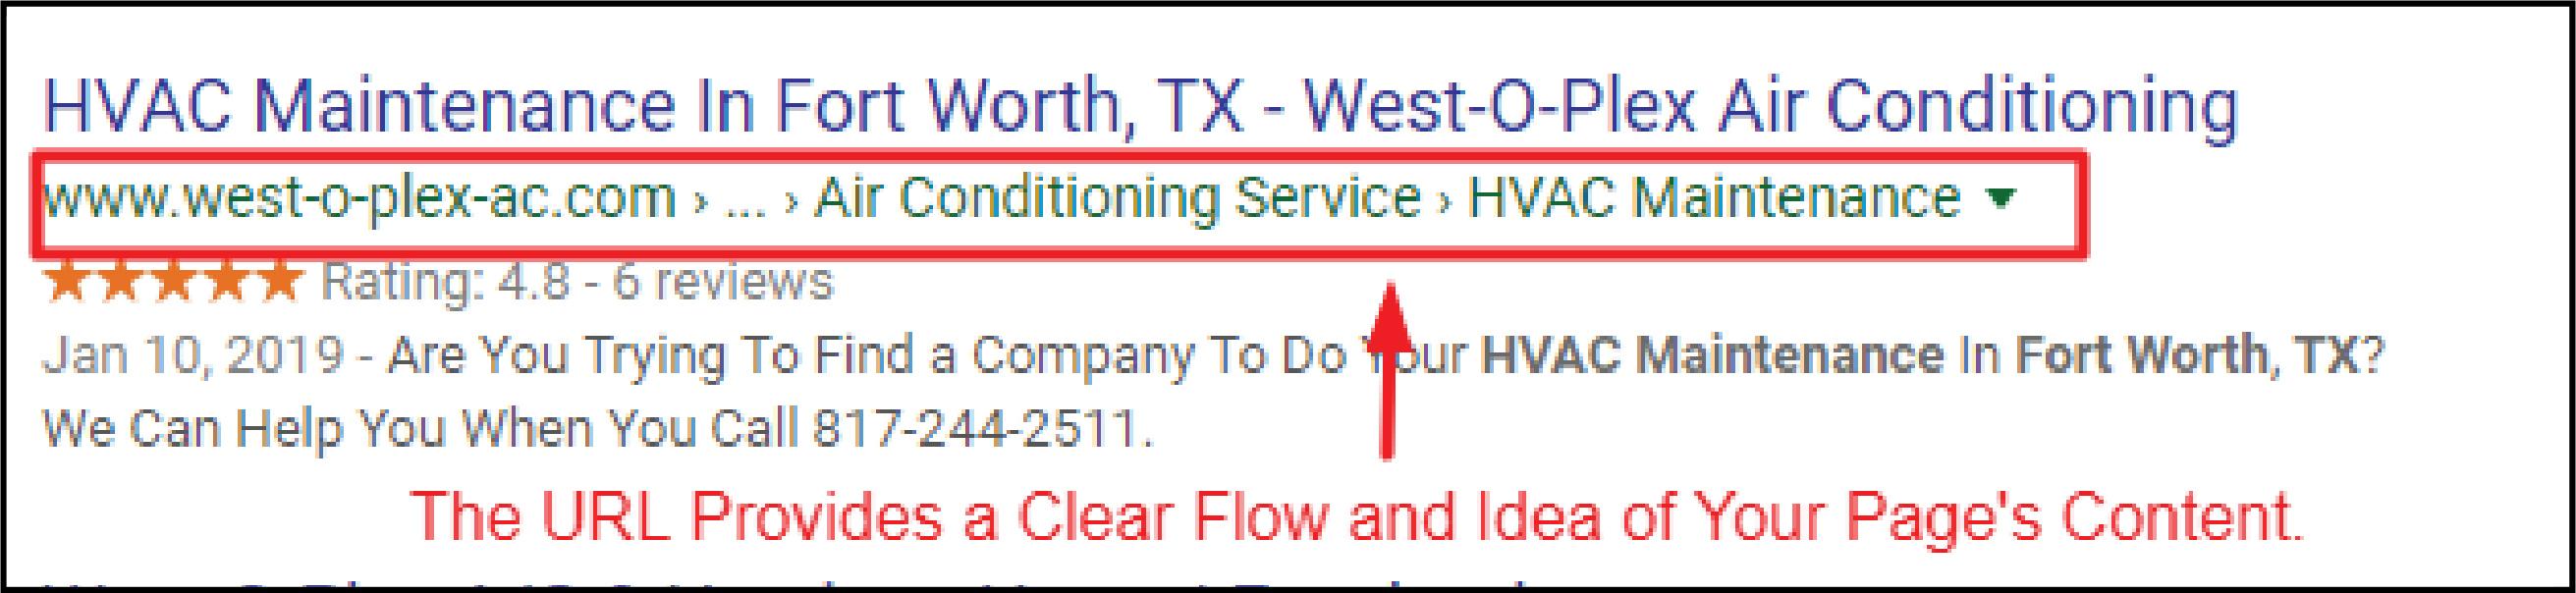 HVAC URL